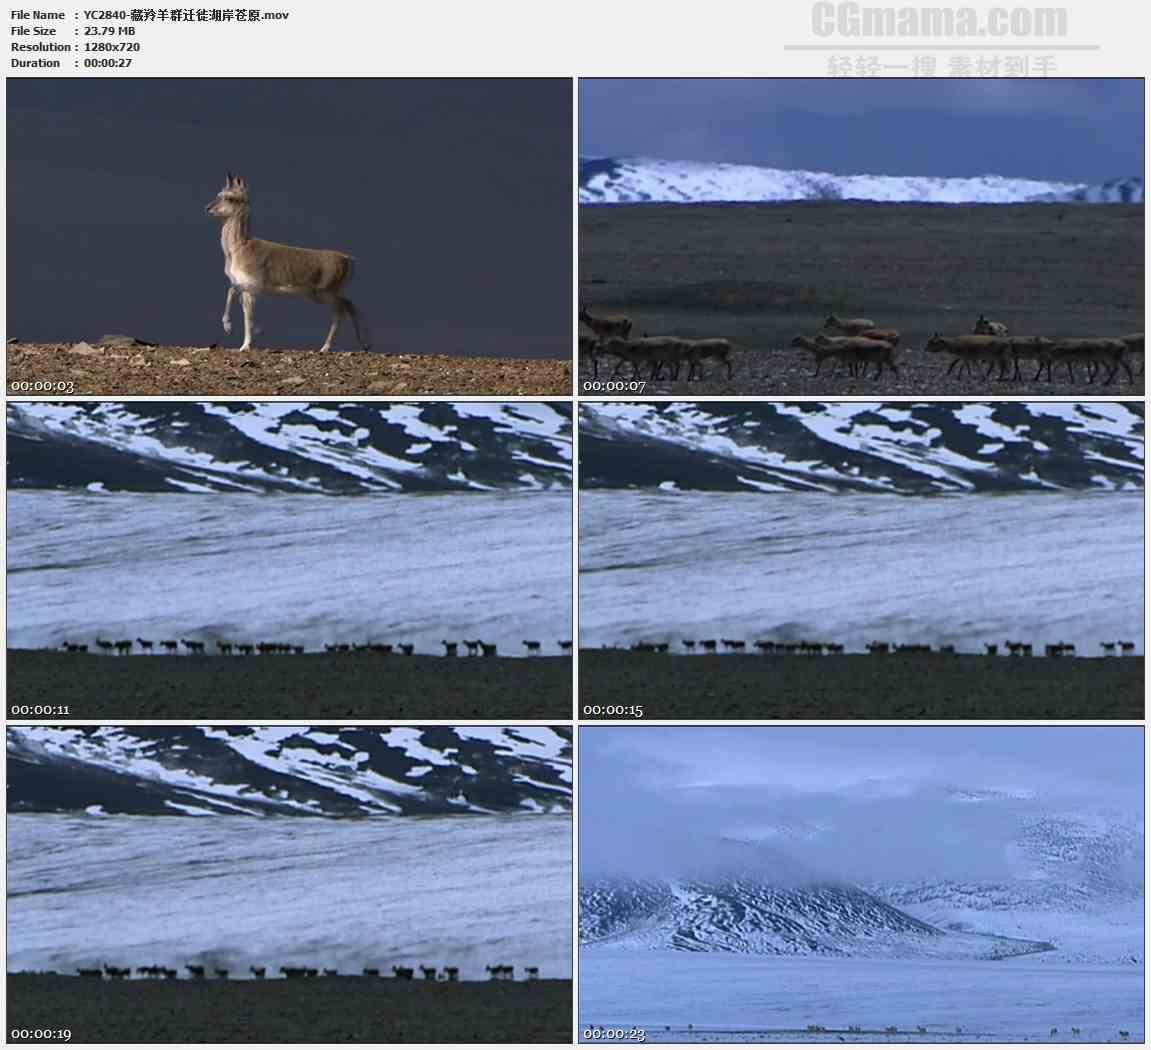 YC2840-藏羚羊群迁徙湖岸苍原高清实拍视频素材